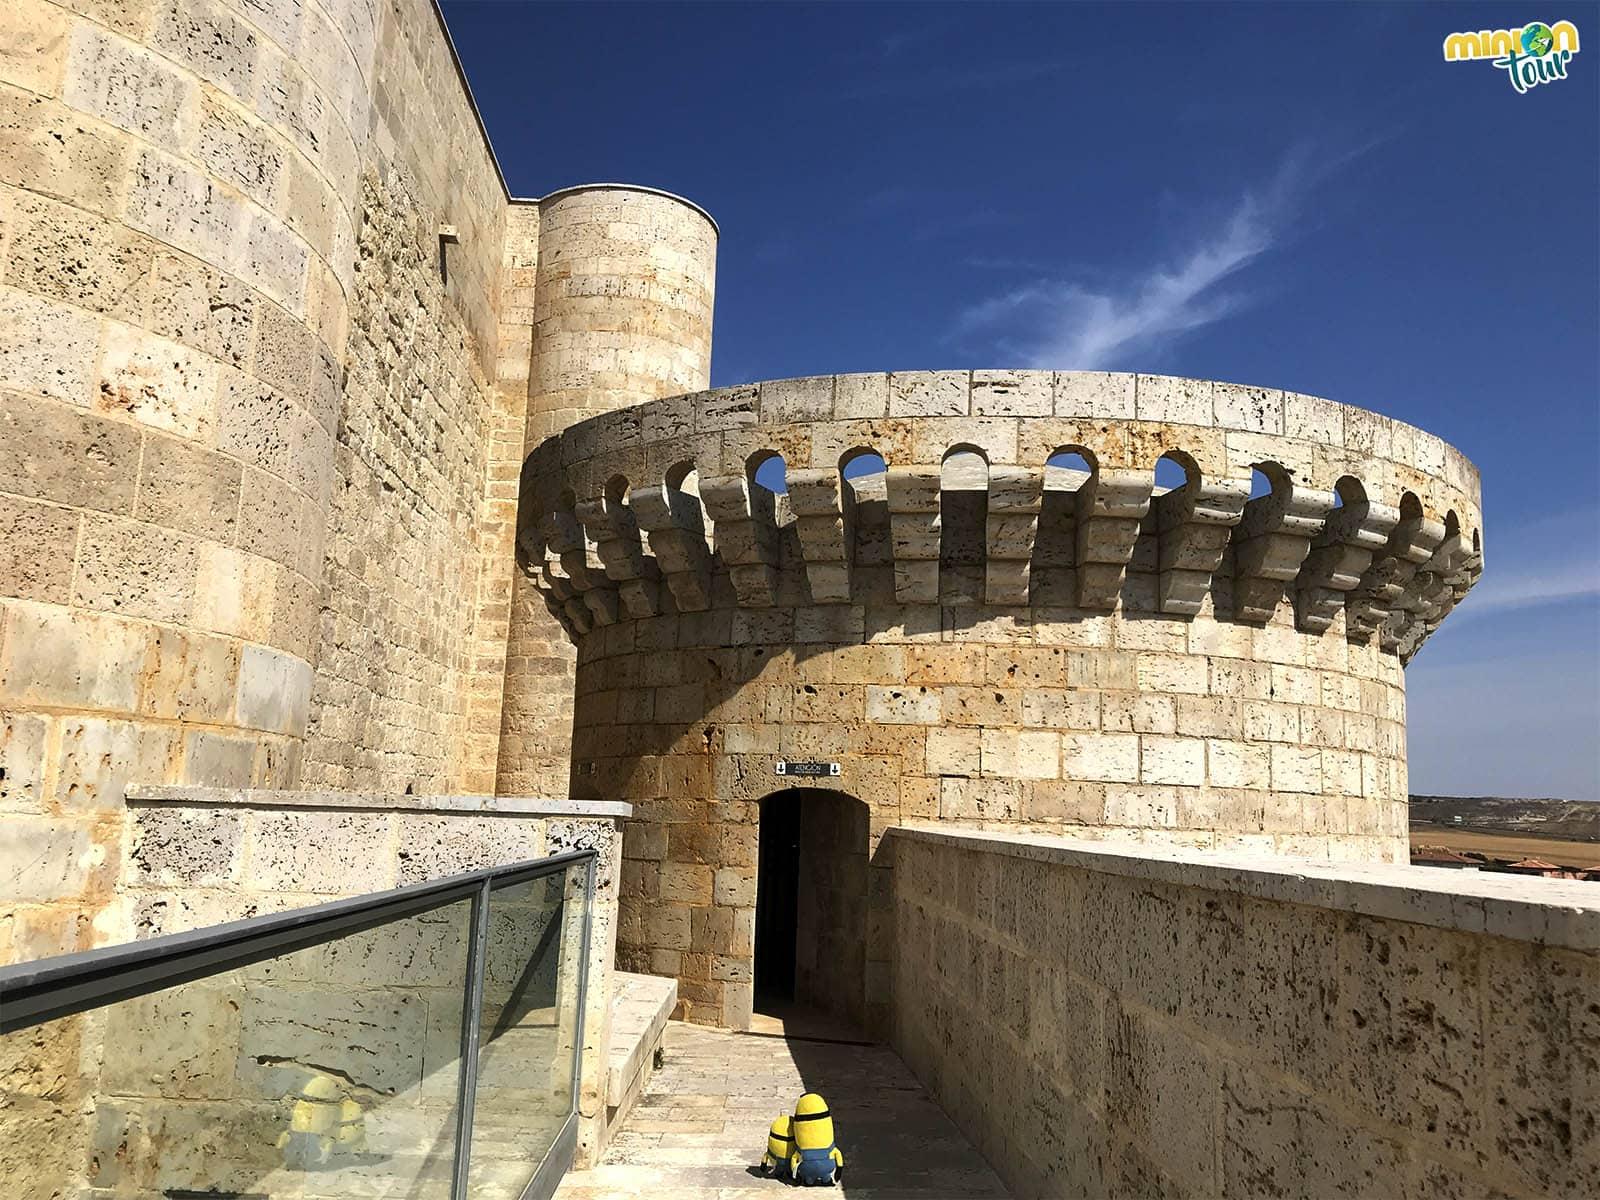 Caminando por las murallas del Castillo de los Sarmiento